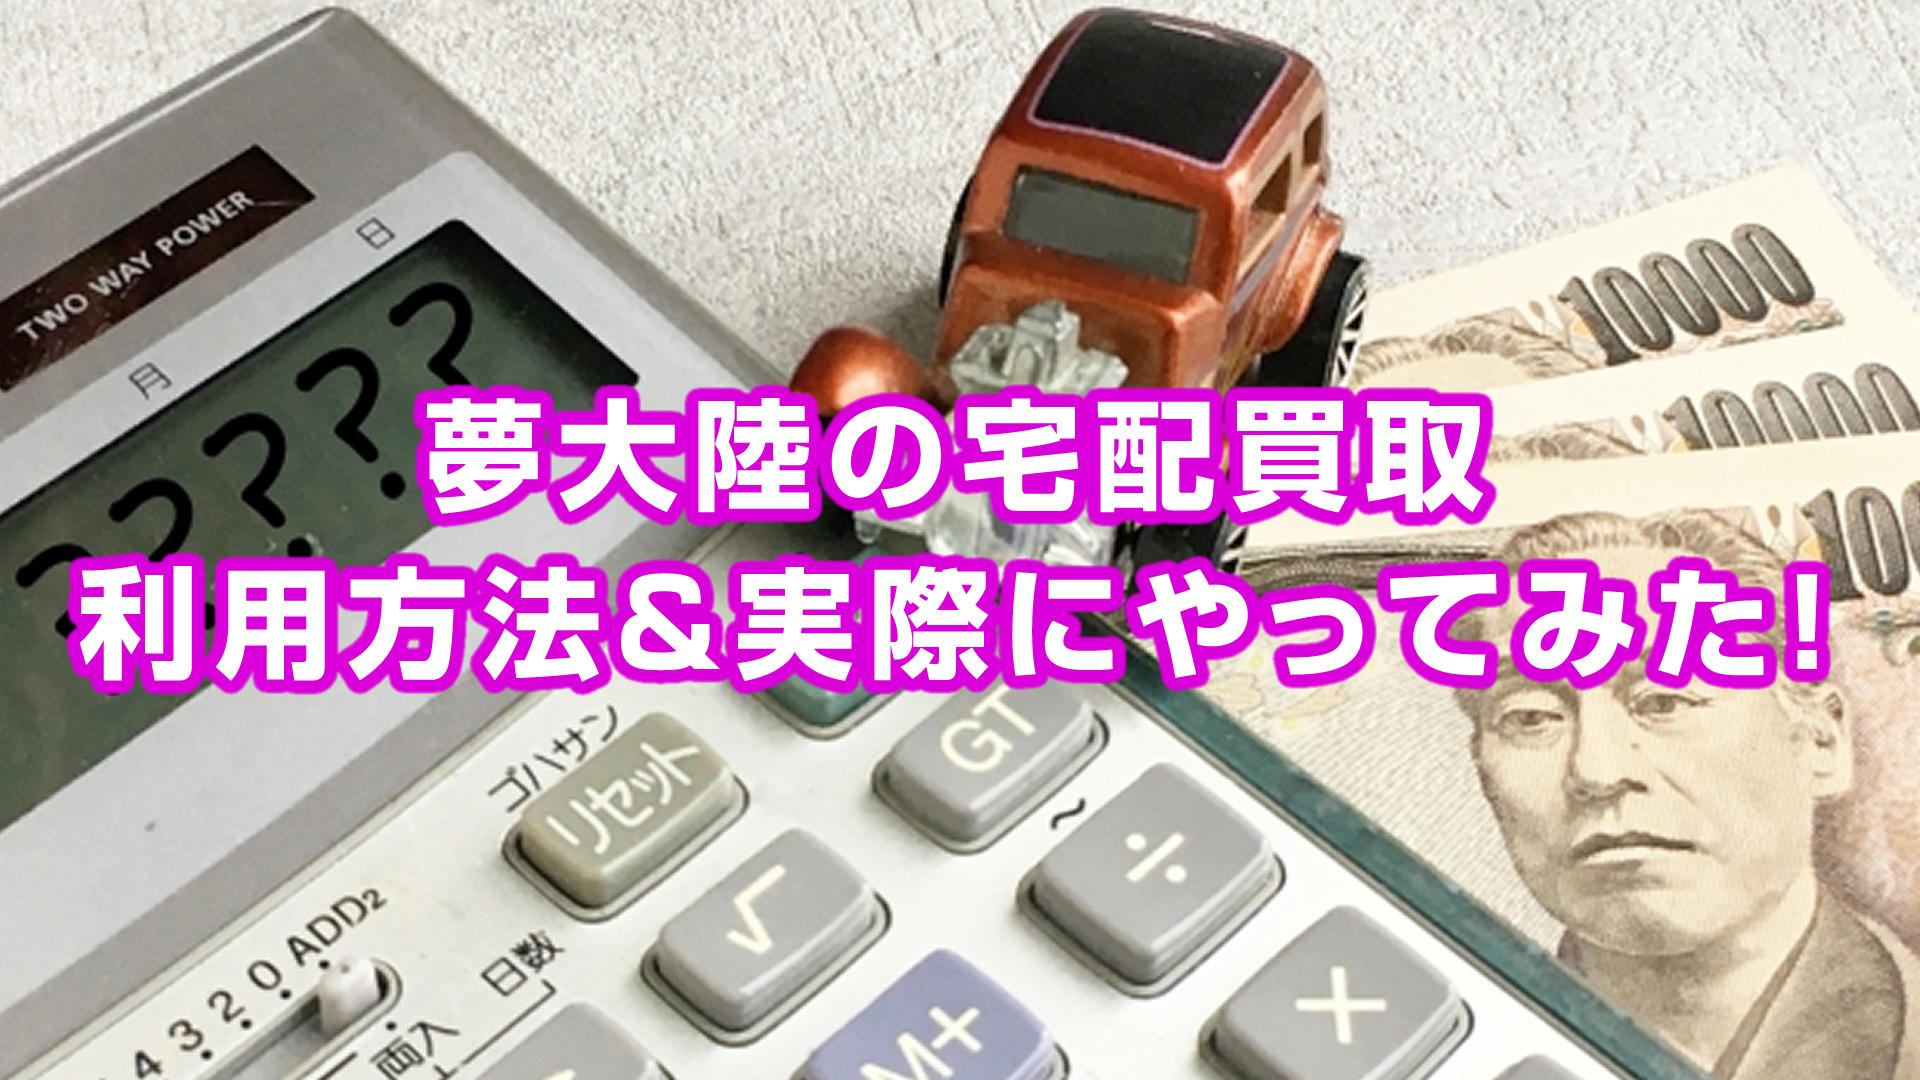 夢大陸【楽天買取】の宅配買い取りを初めてやってみた!